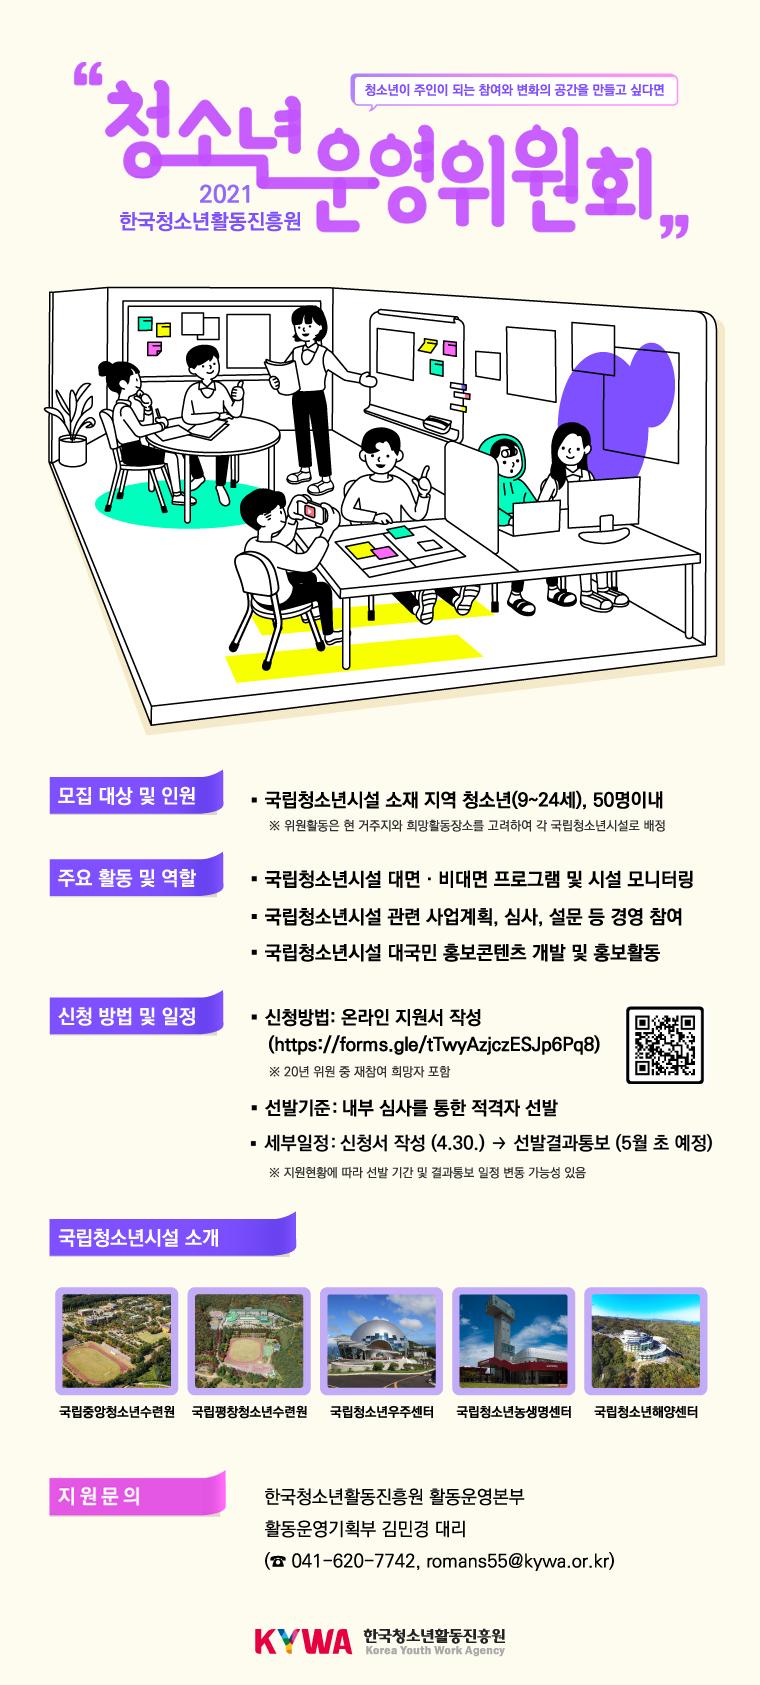 2021년 한국청소년활동진흥원 청소년운영위원회 모집 포스터. 자세한 내용은 아래 게시글 참고하세요.